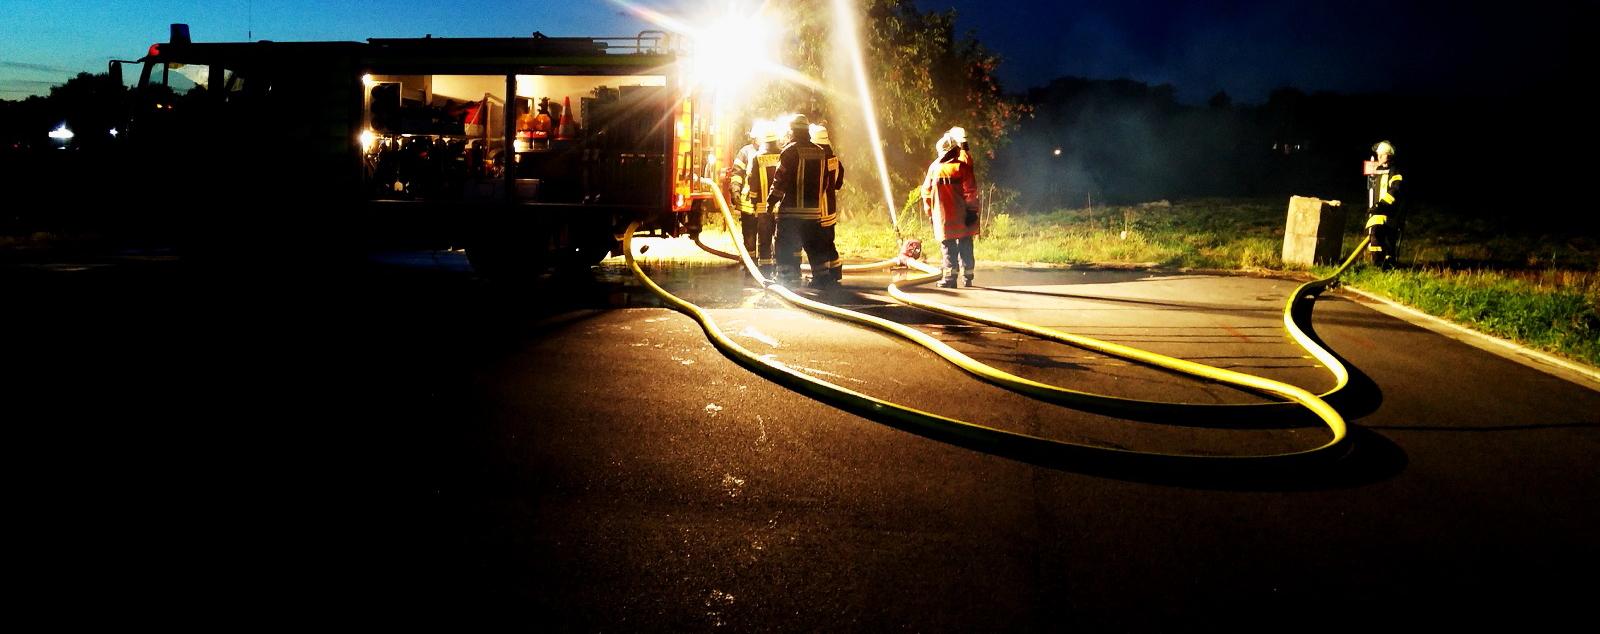 Feuerwehr_0001